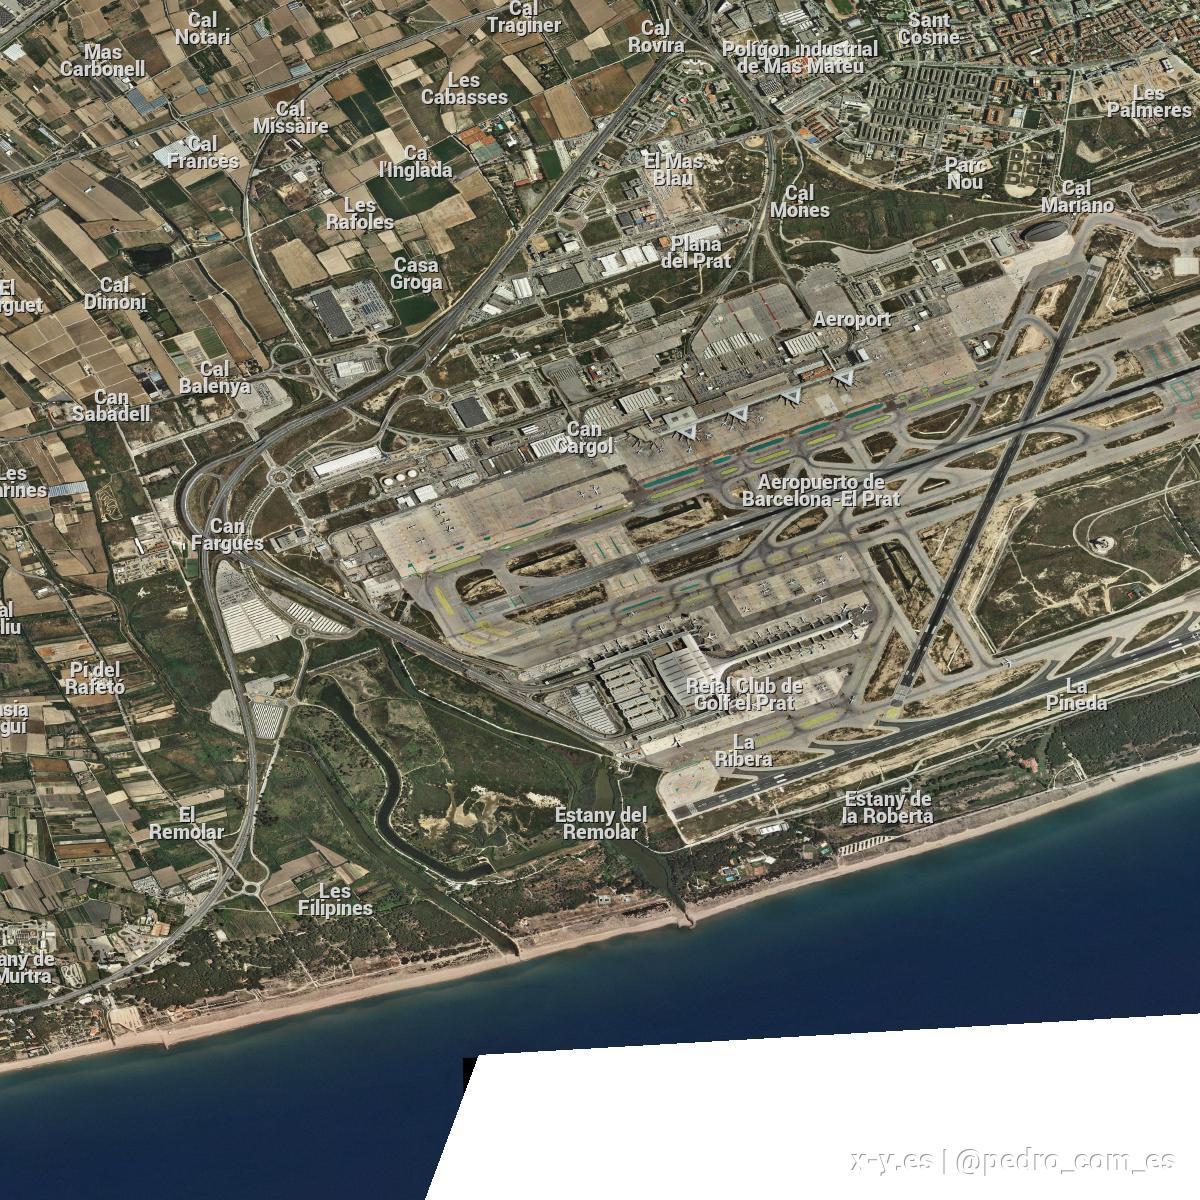 Barcelona Aeropuerto Observacion Meteorologica En X Y